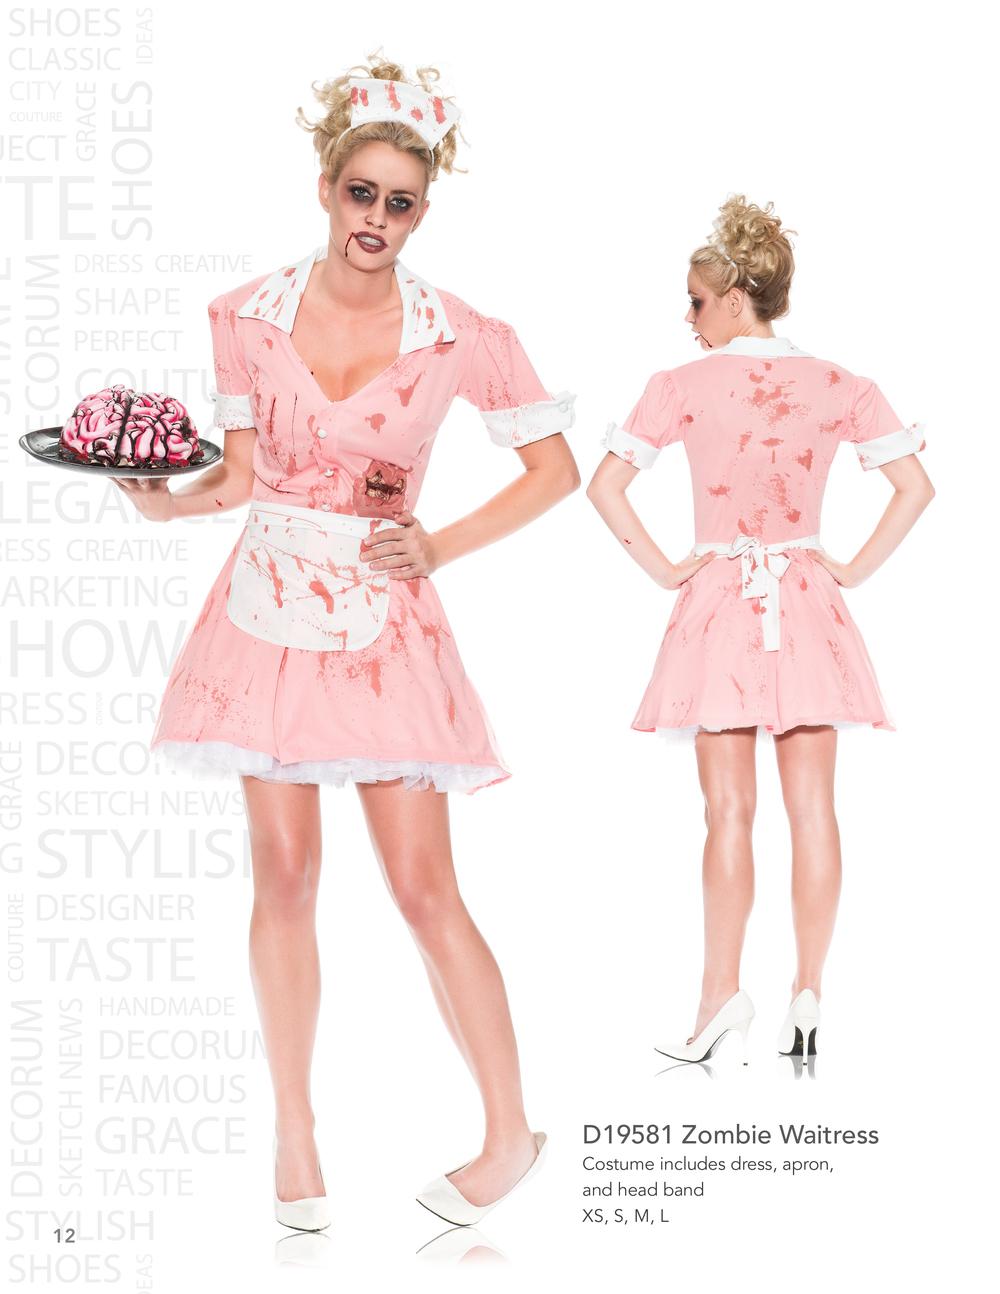 D19581 Zombie Waitress